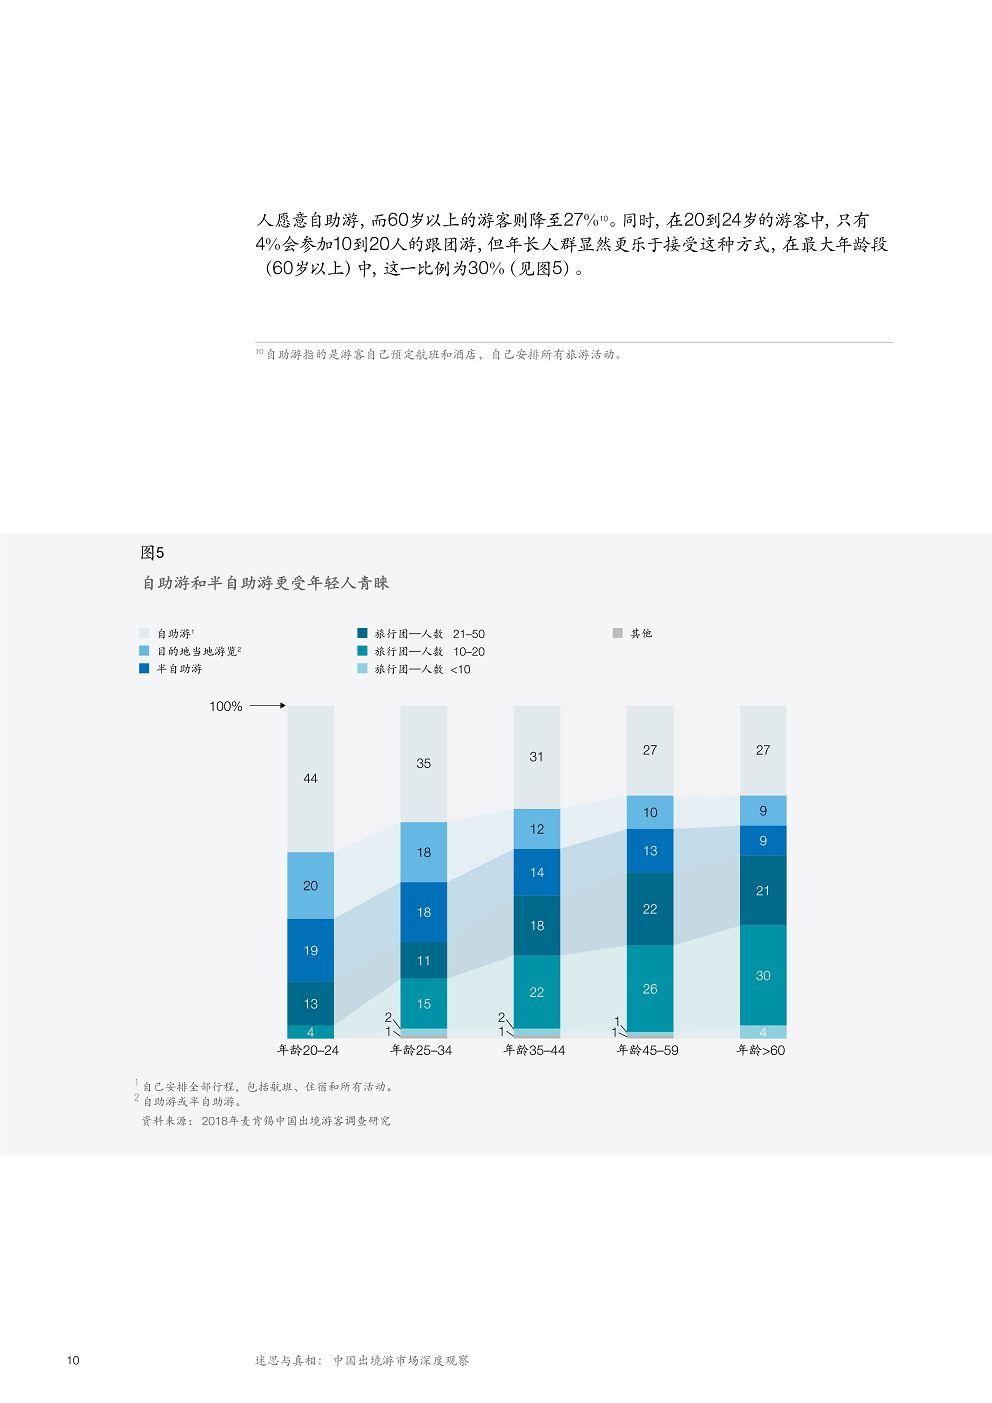 McK_China-tourism-report-2018_CN_14